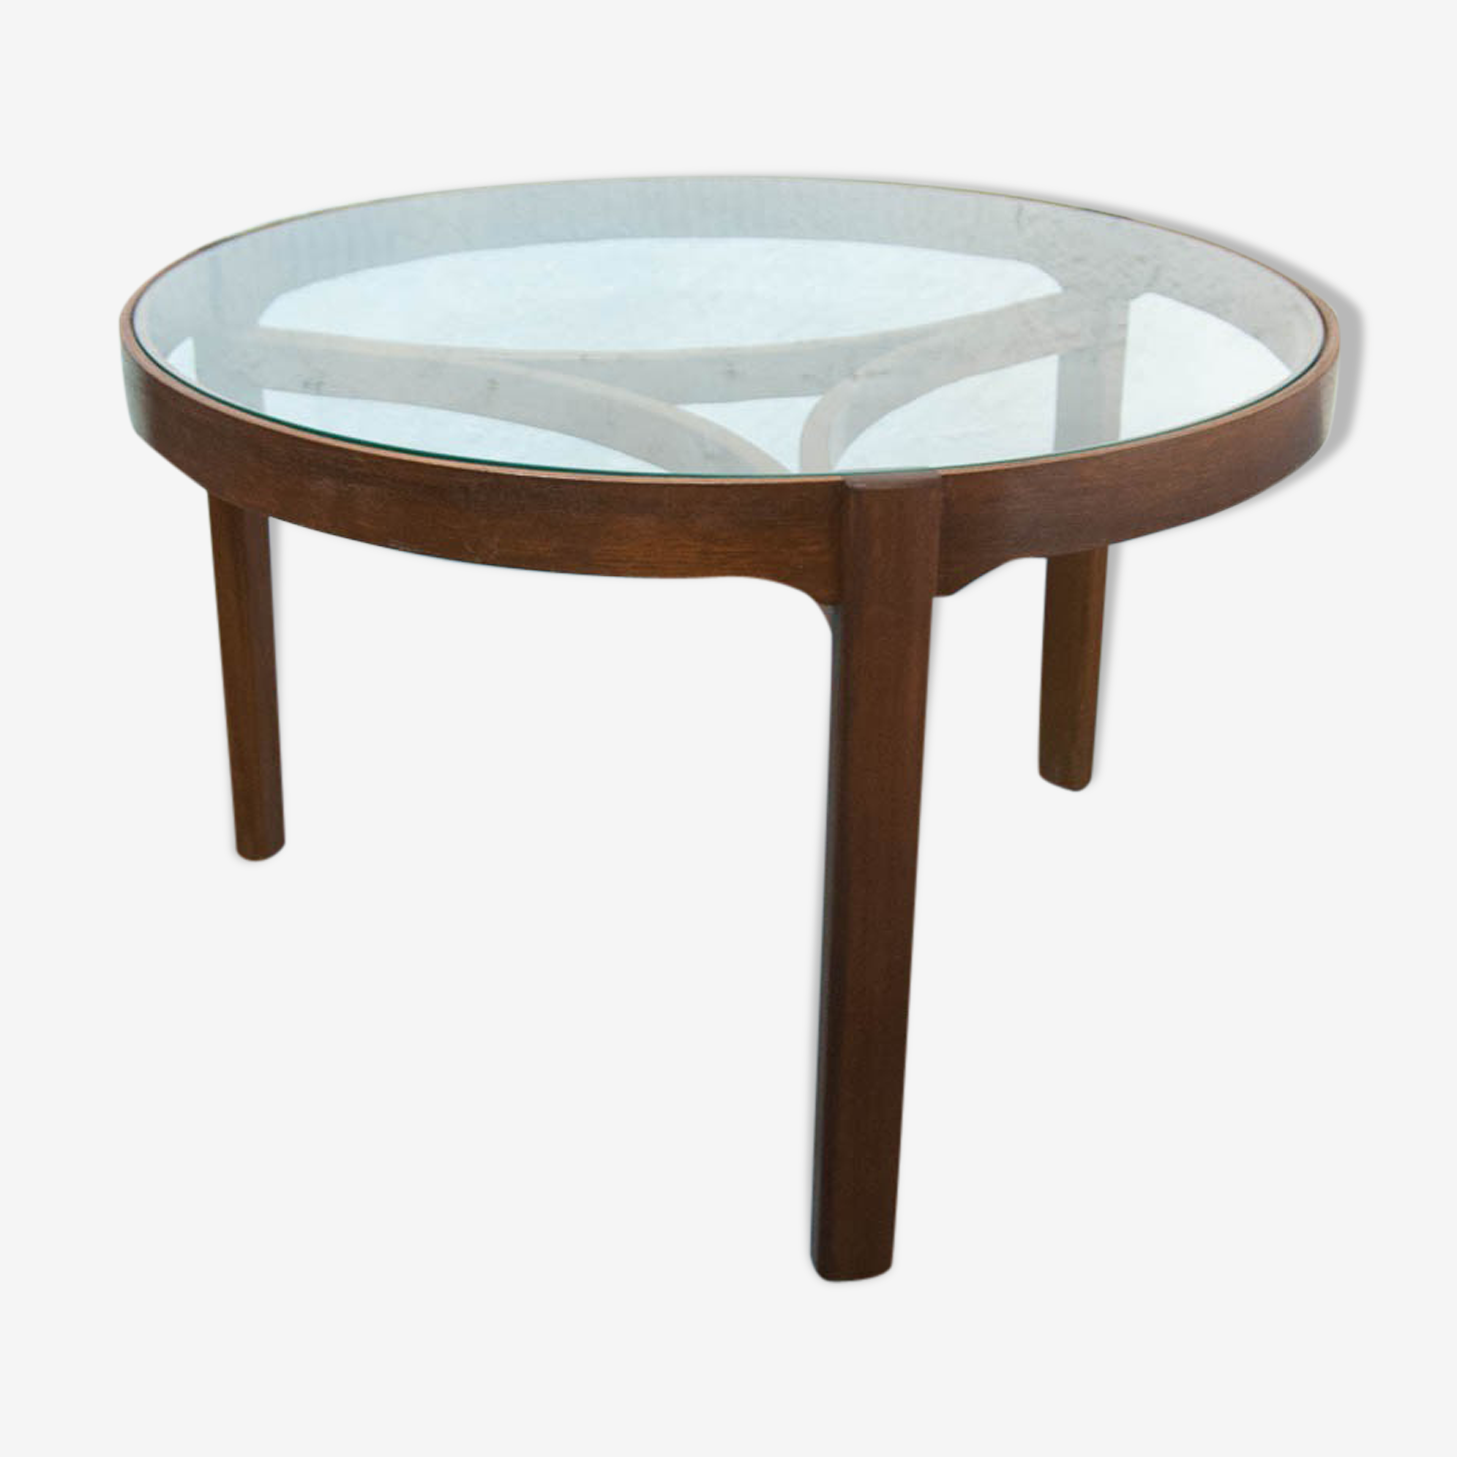 Glass tripod table 82cm